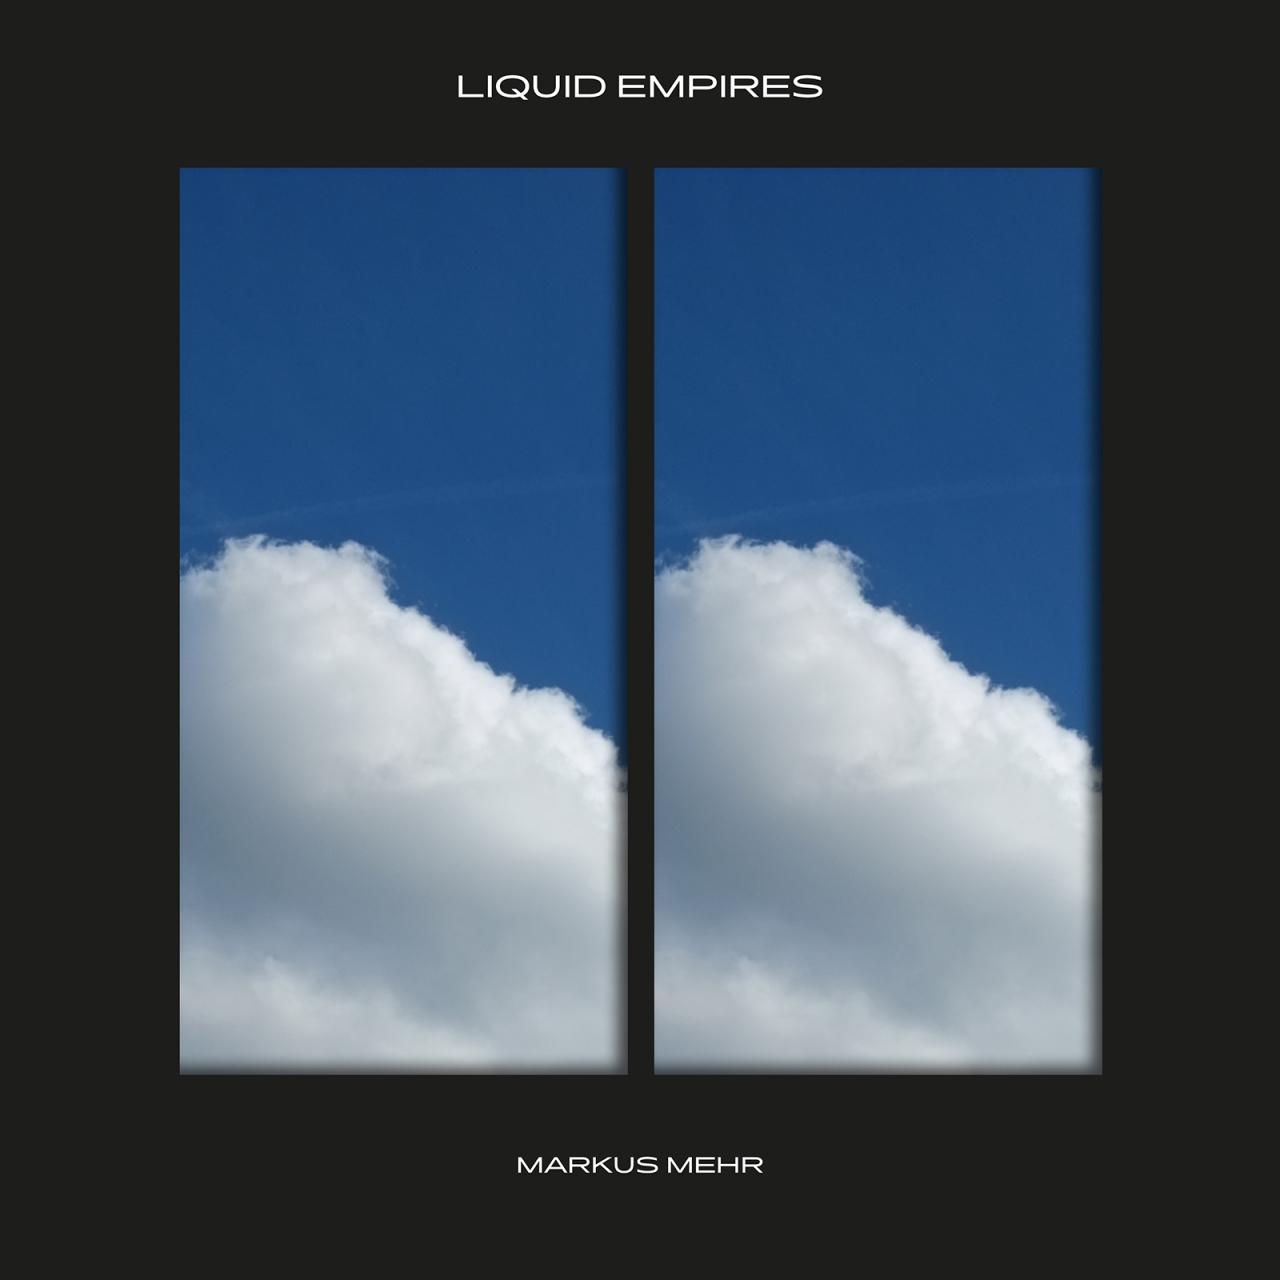 Markus Mehr ~ LiquidEmpires